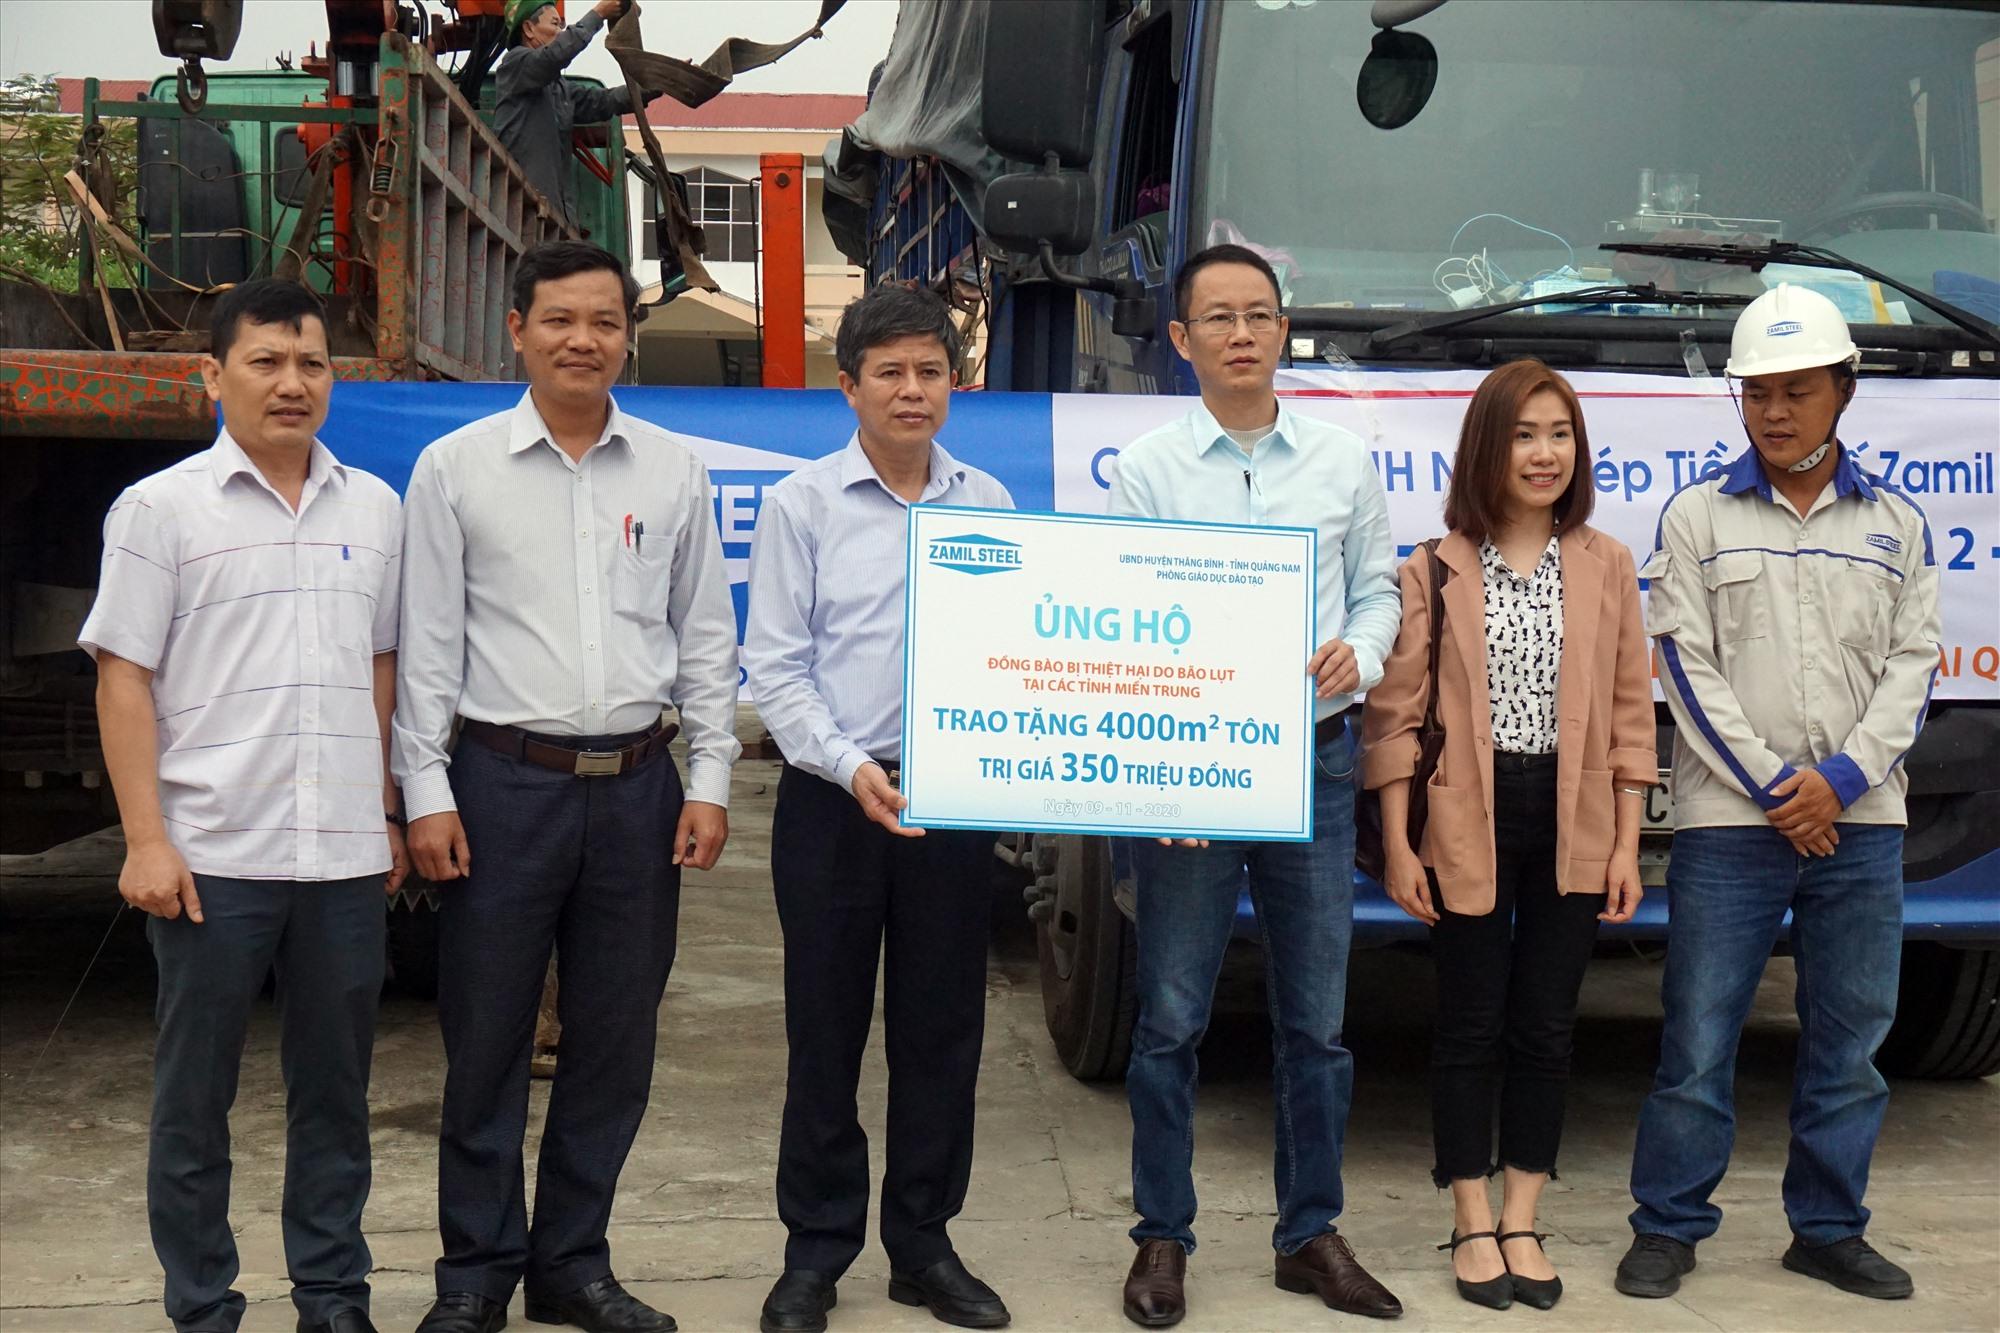 Huyện Thăng Bình tiếp nhận 4.000m2 tôn trị giá 350 triệu đồng từ phía Công ty TNHH Nhà Thép Tiền chế Zamil Việt Nam.